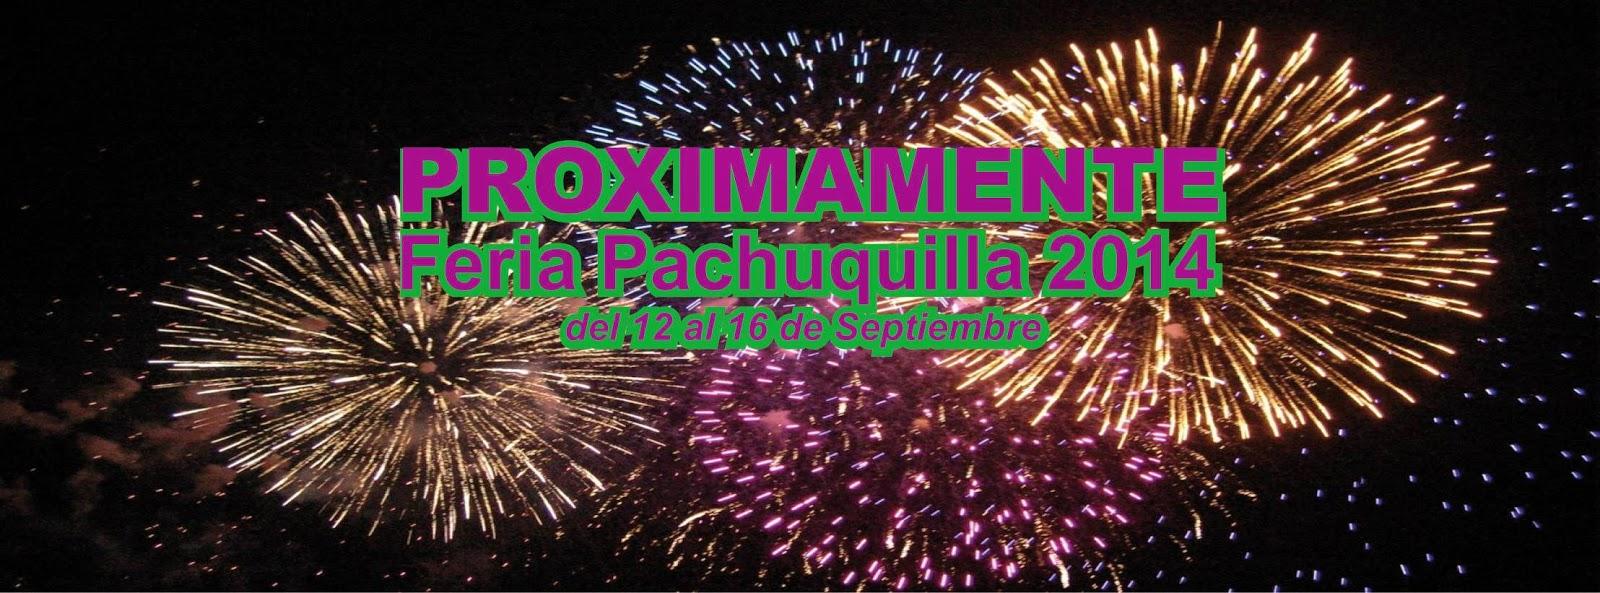 Feria fiestas patrias mineral de la reforma 2014